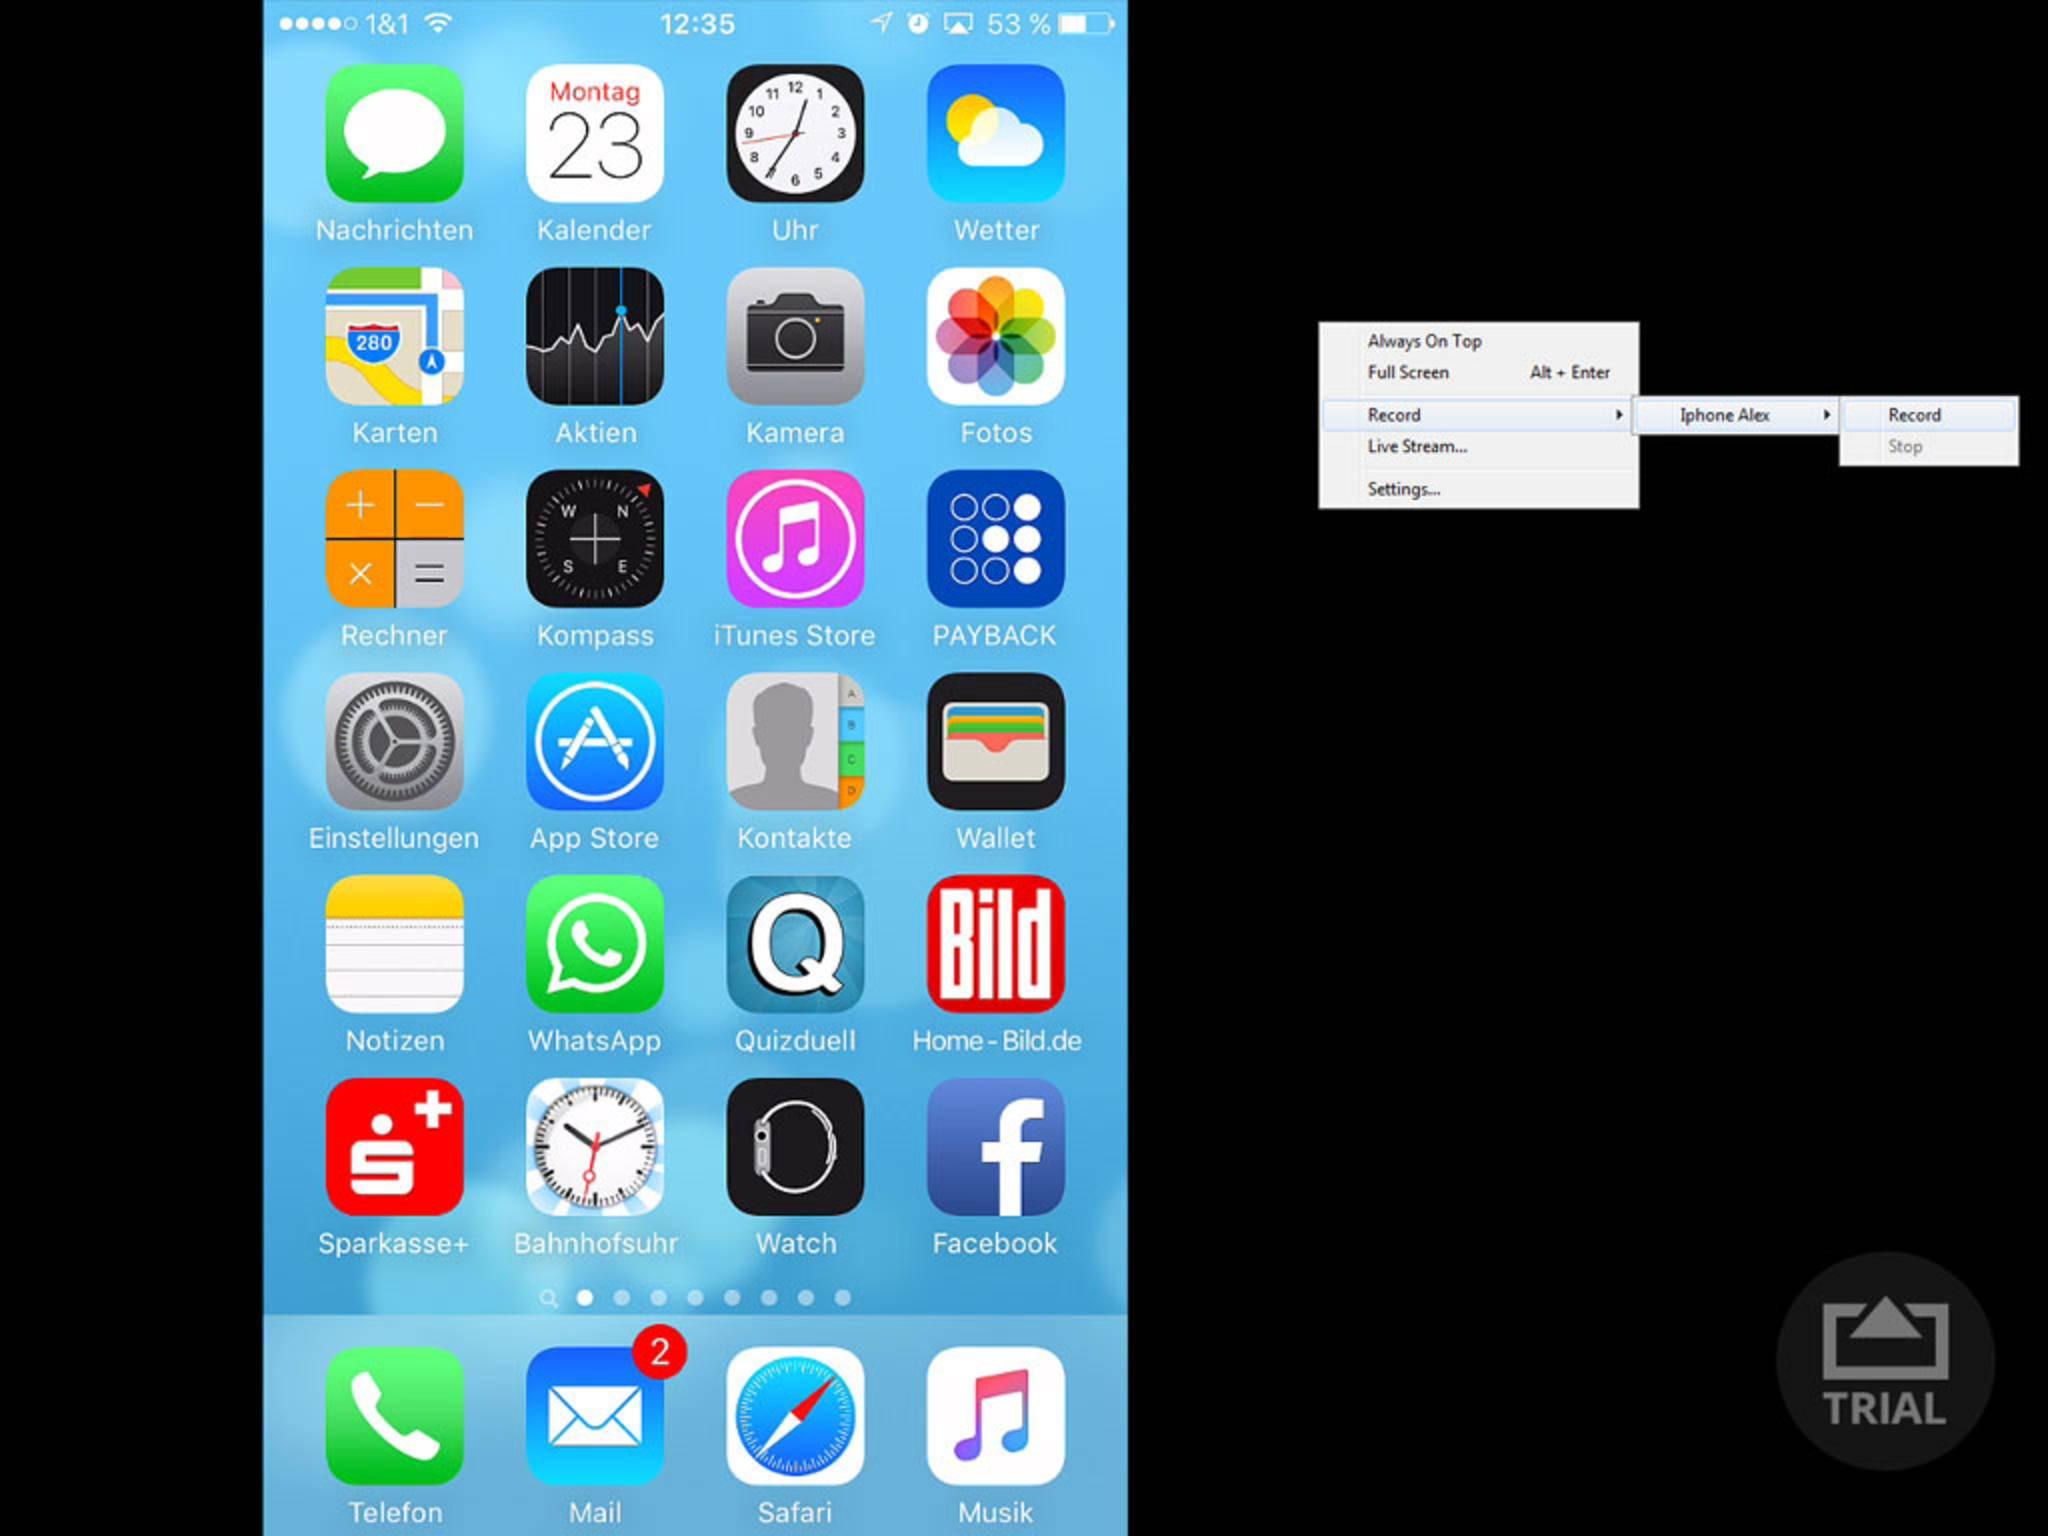 Wenn alles funktioniert, siehst Du Deinen iPhone-Bildschirm auf dem Windows-PC.